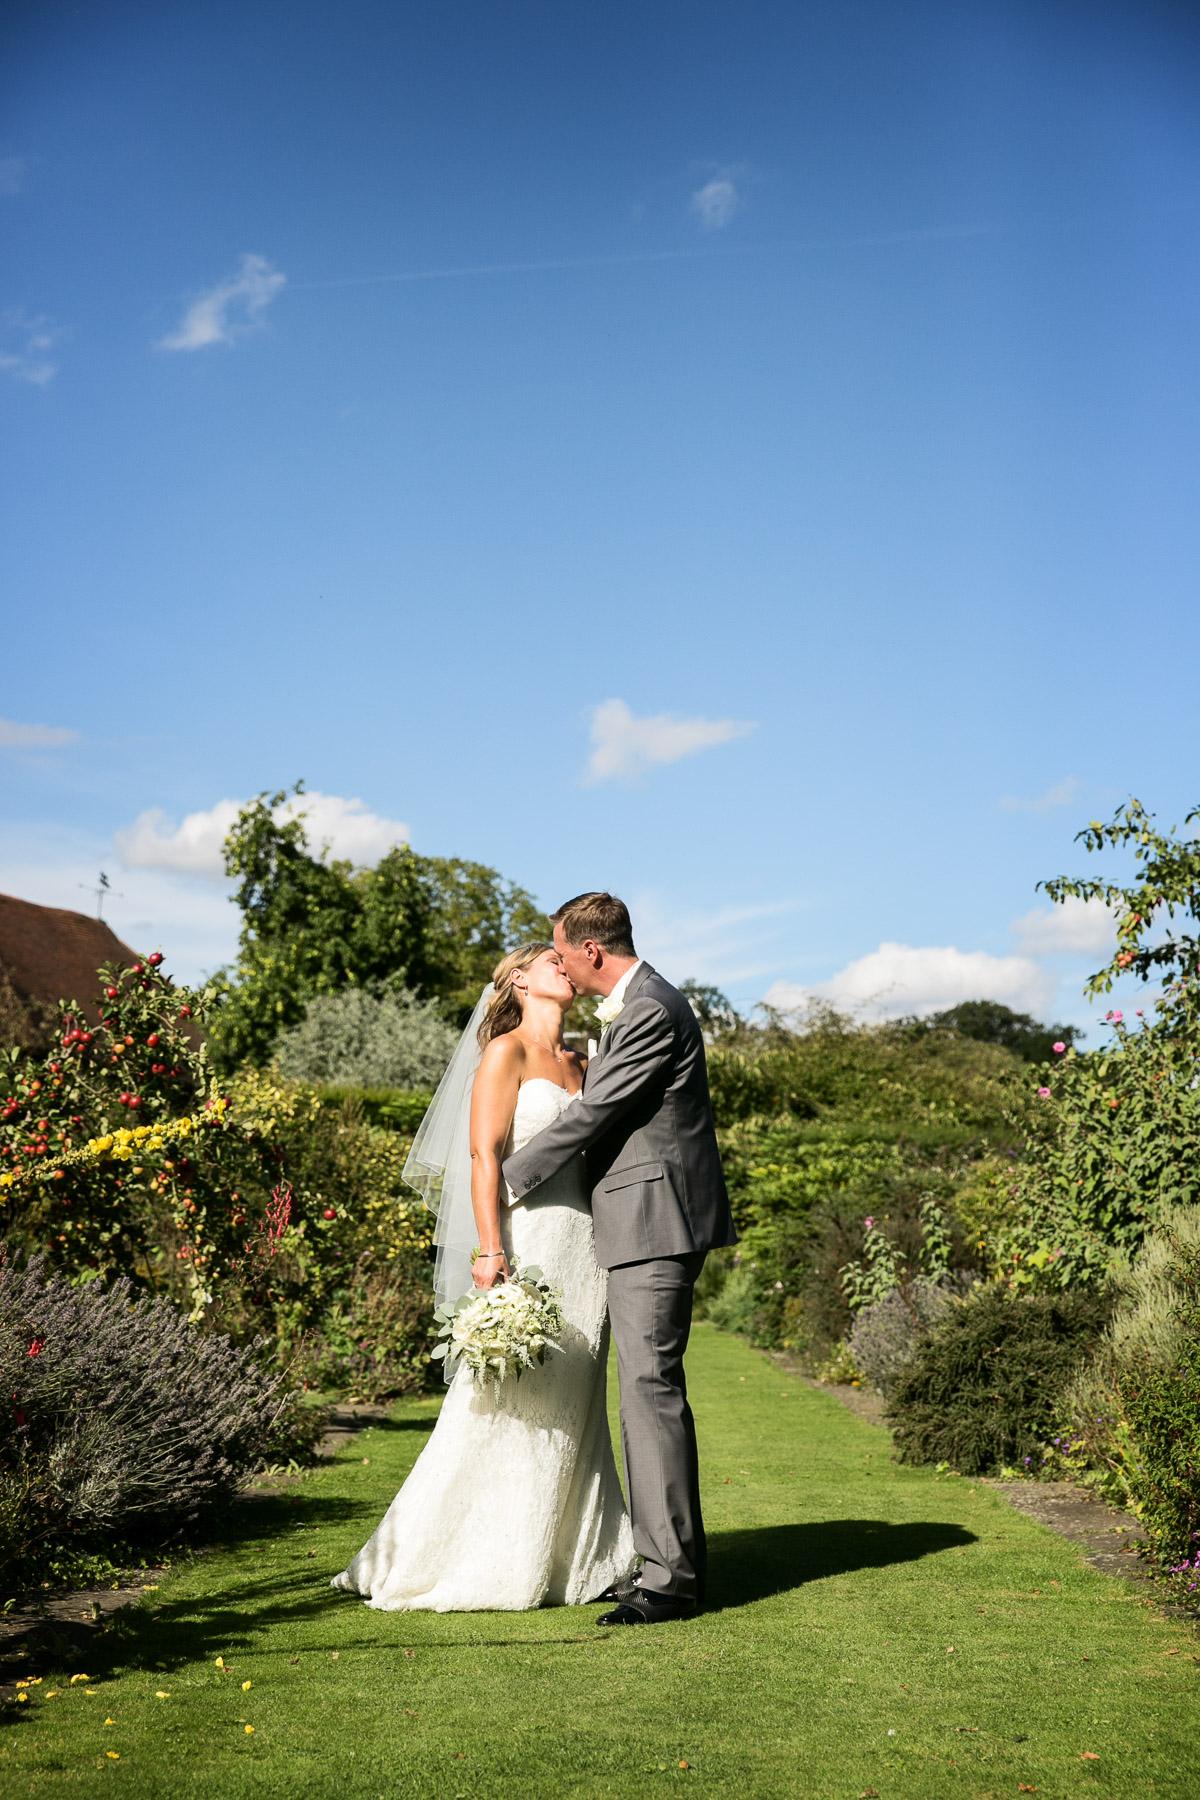 wedding portfolio 25-09-17  022.jpg